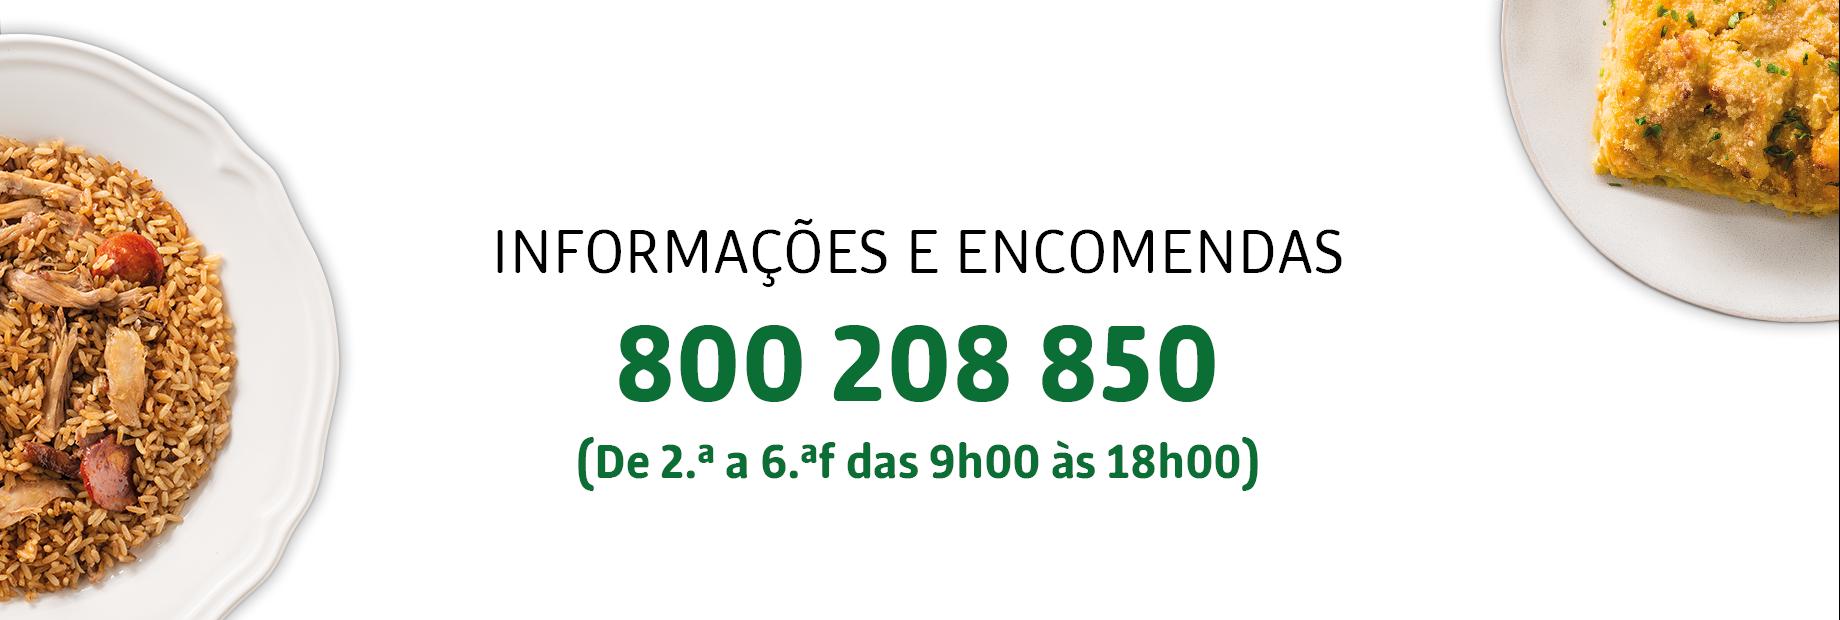 informações e encomendas 800 208 850 2a a 6a das 9-18h